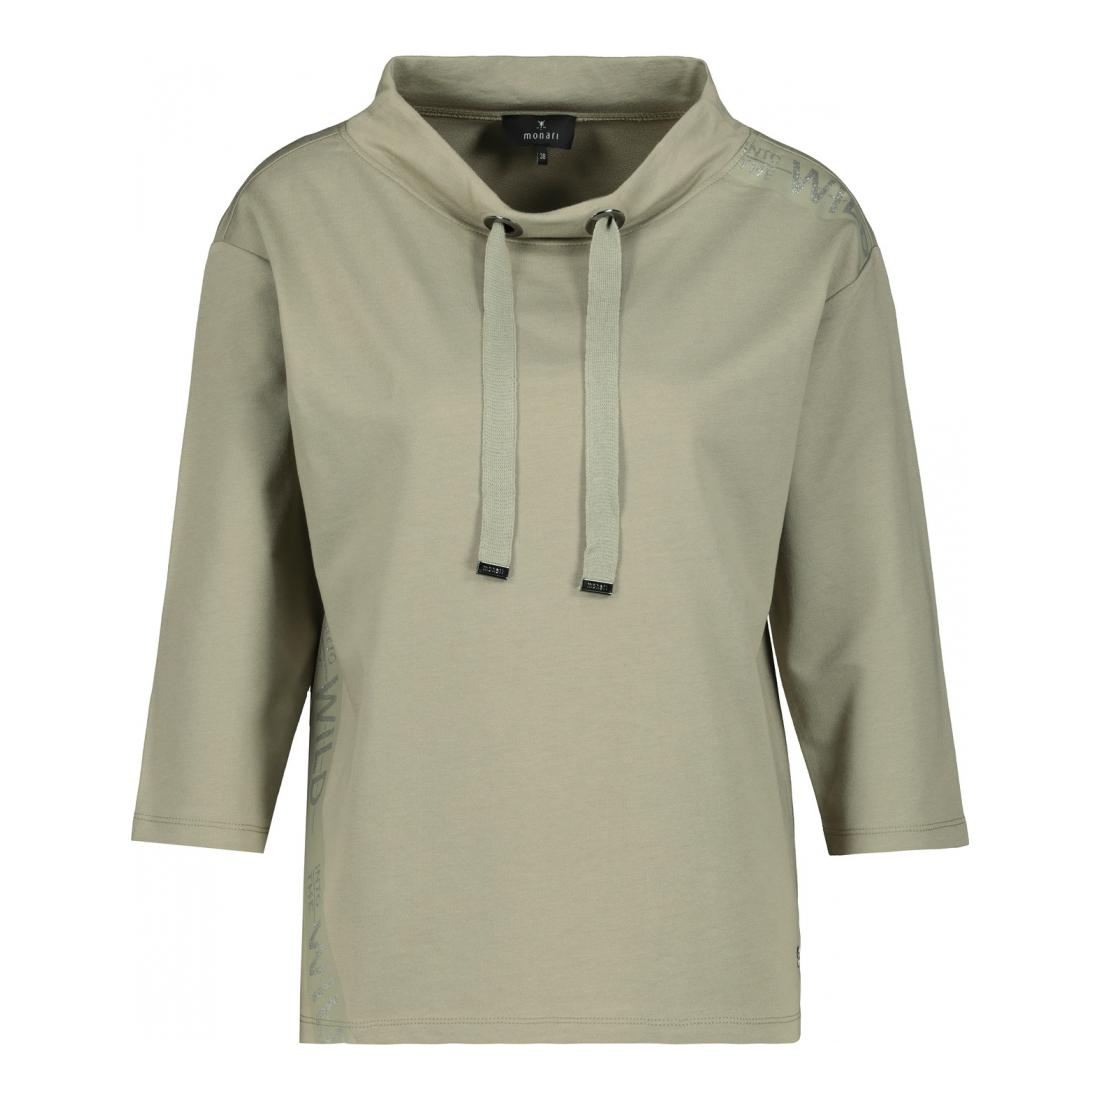 Monari Longsleeves Damen Shirt